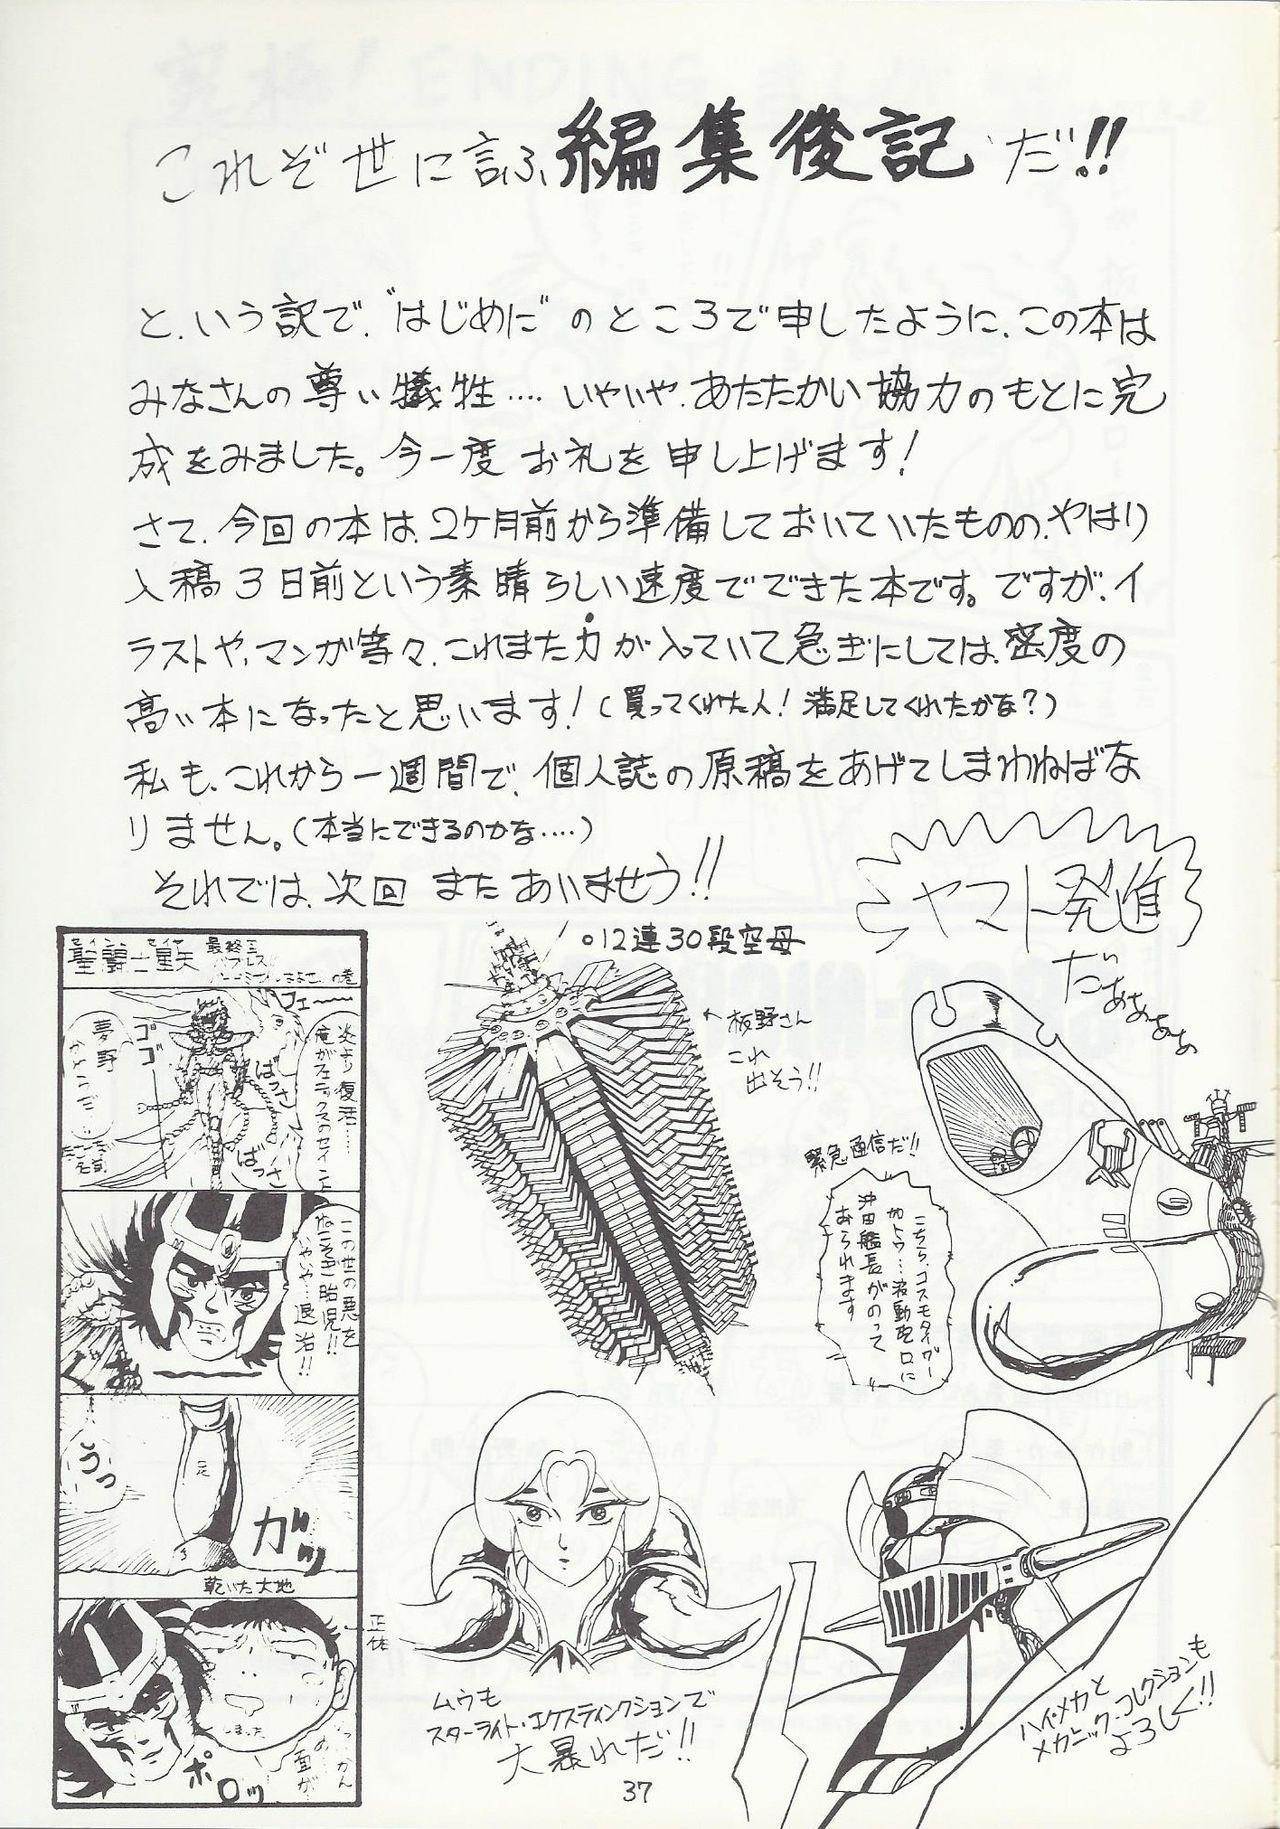 Studio DAST - SASA-NISHIKI SUPER-BLEND. 001. 36